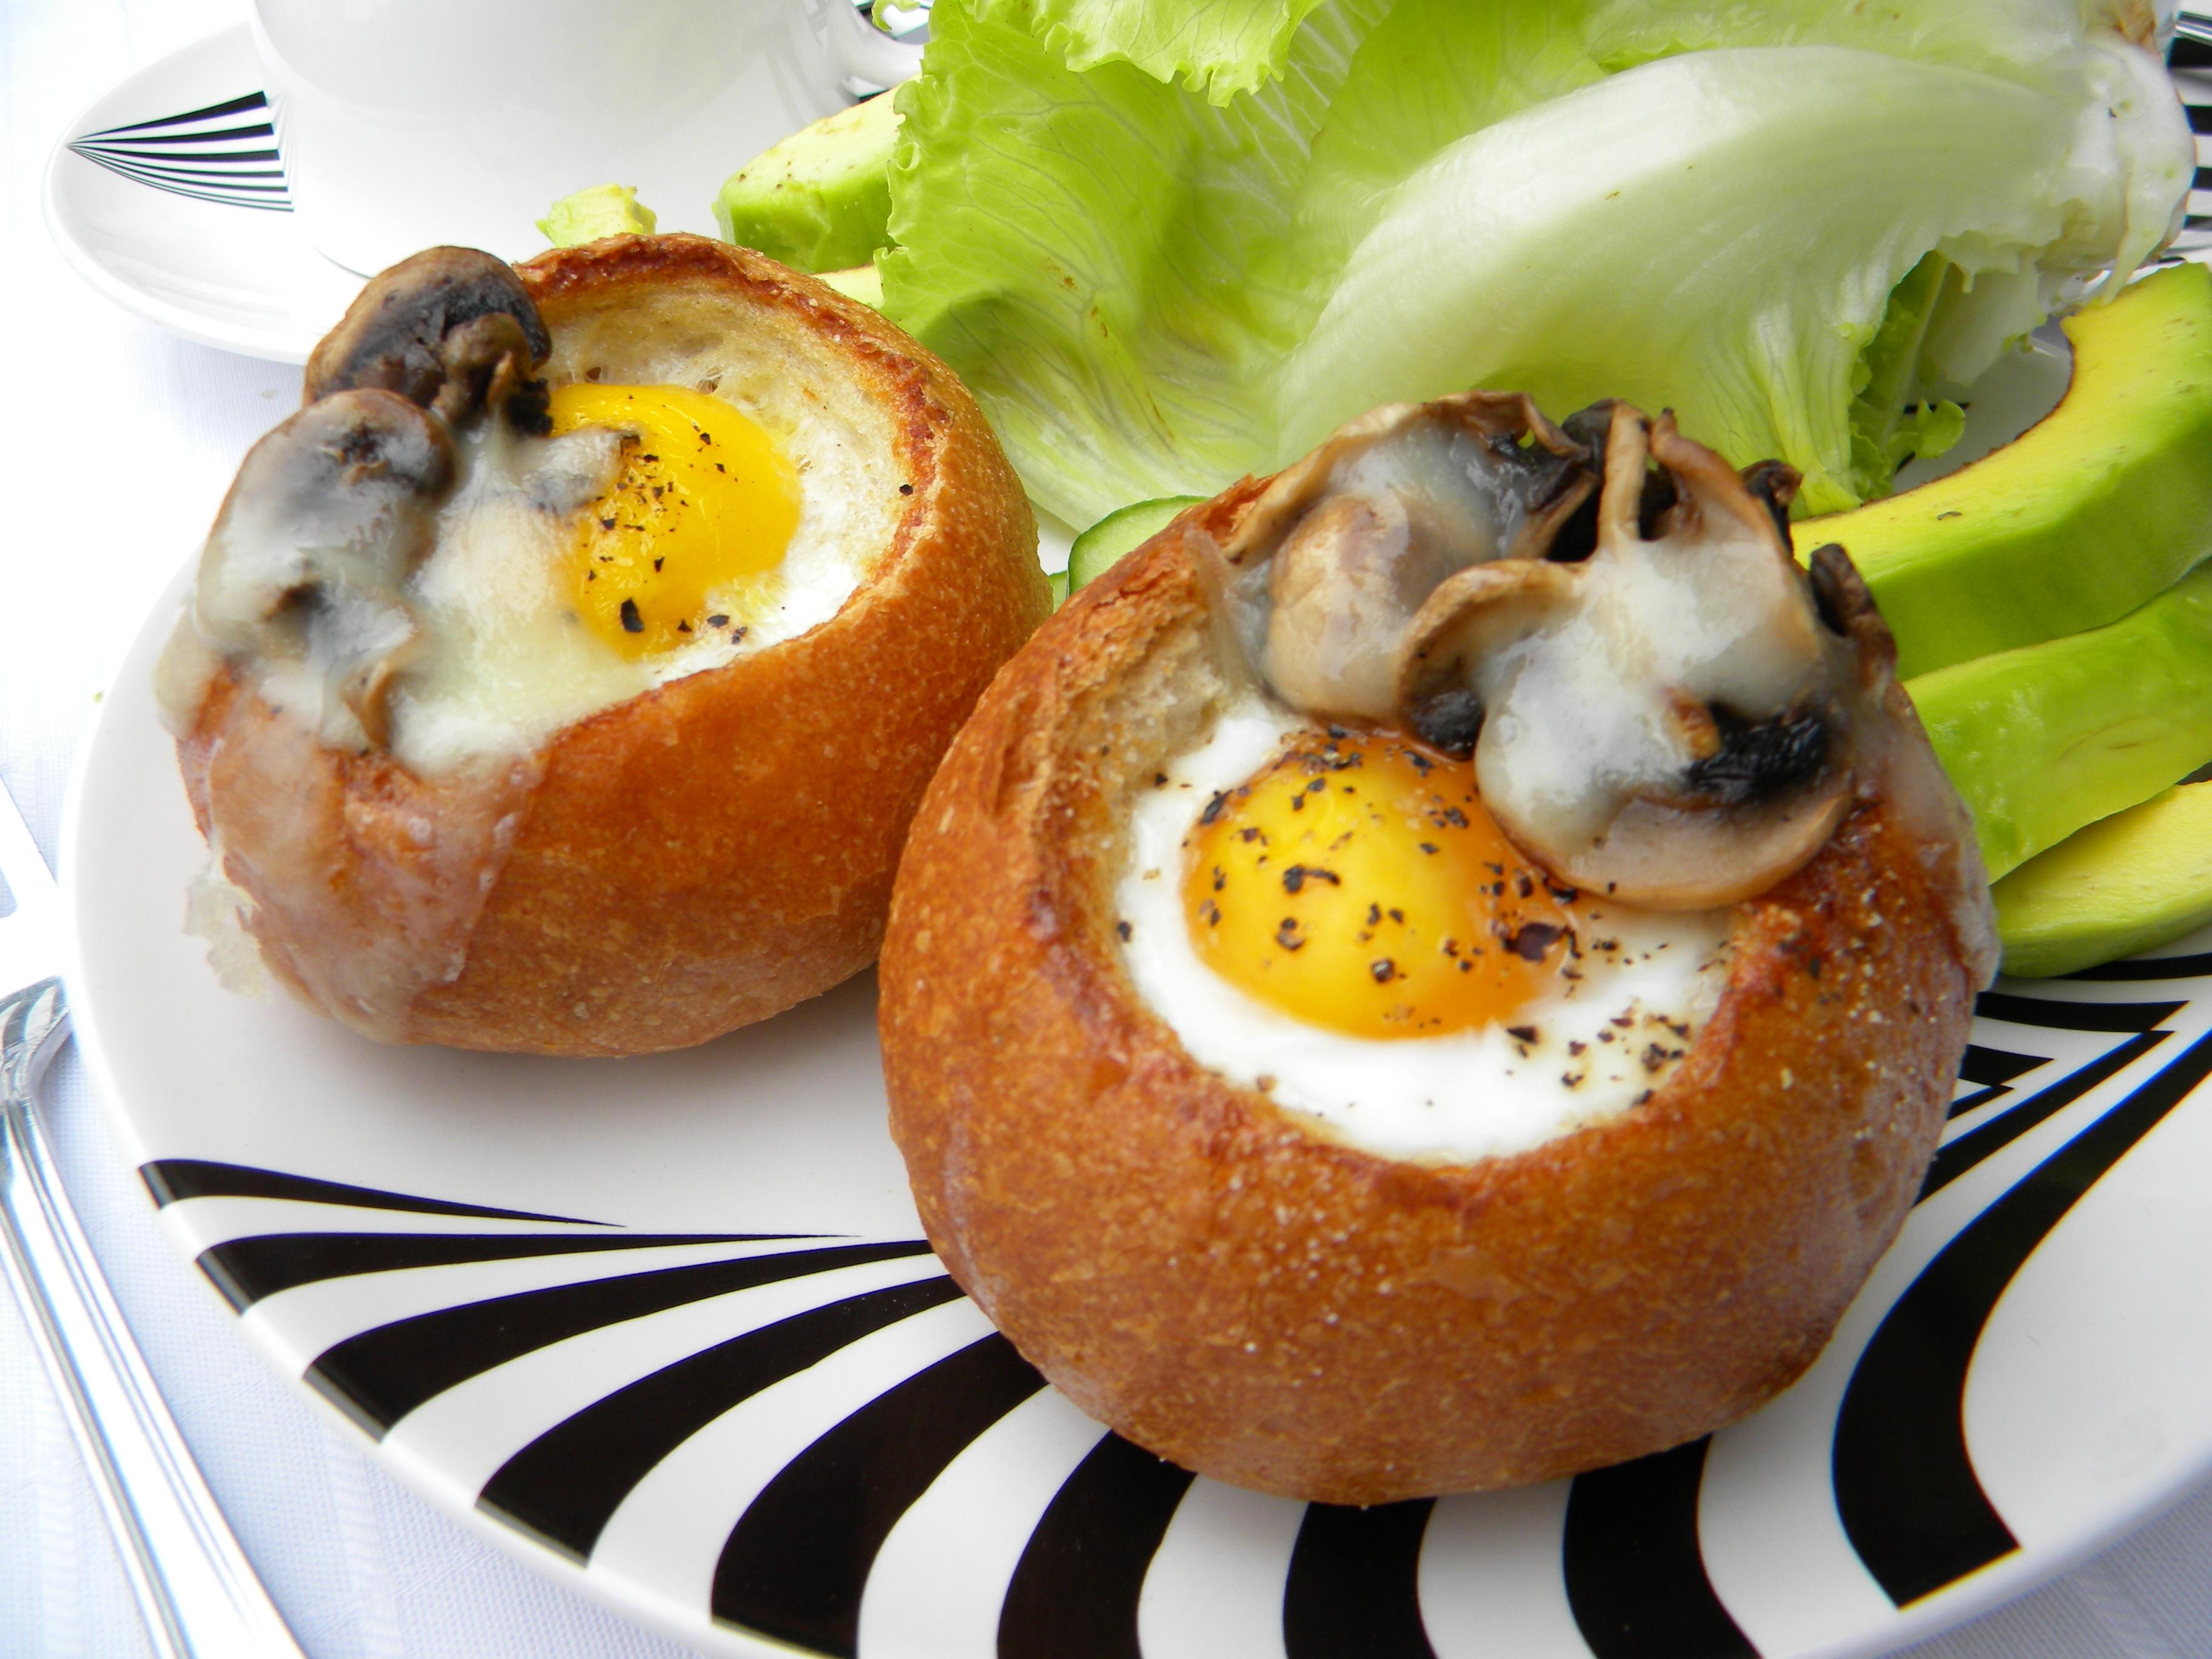 Ekmek Çanağında Yumurta Tarifi